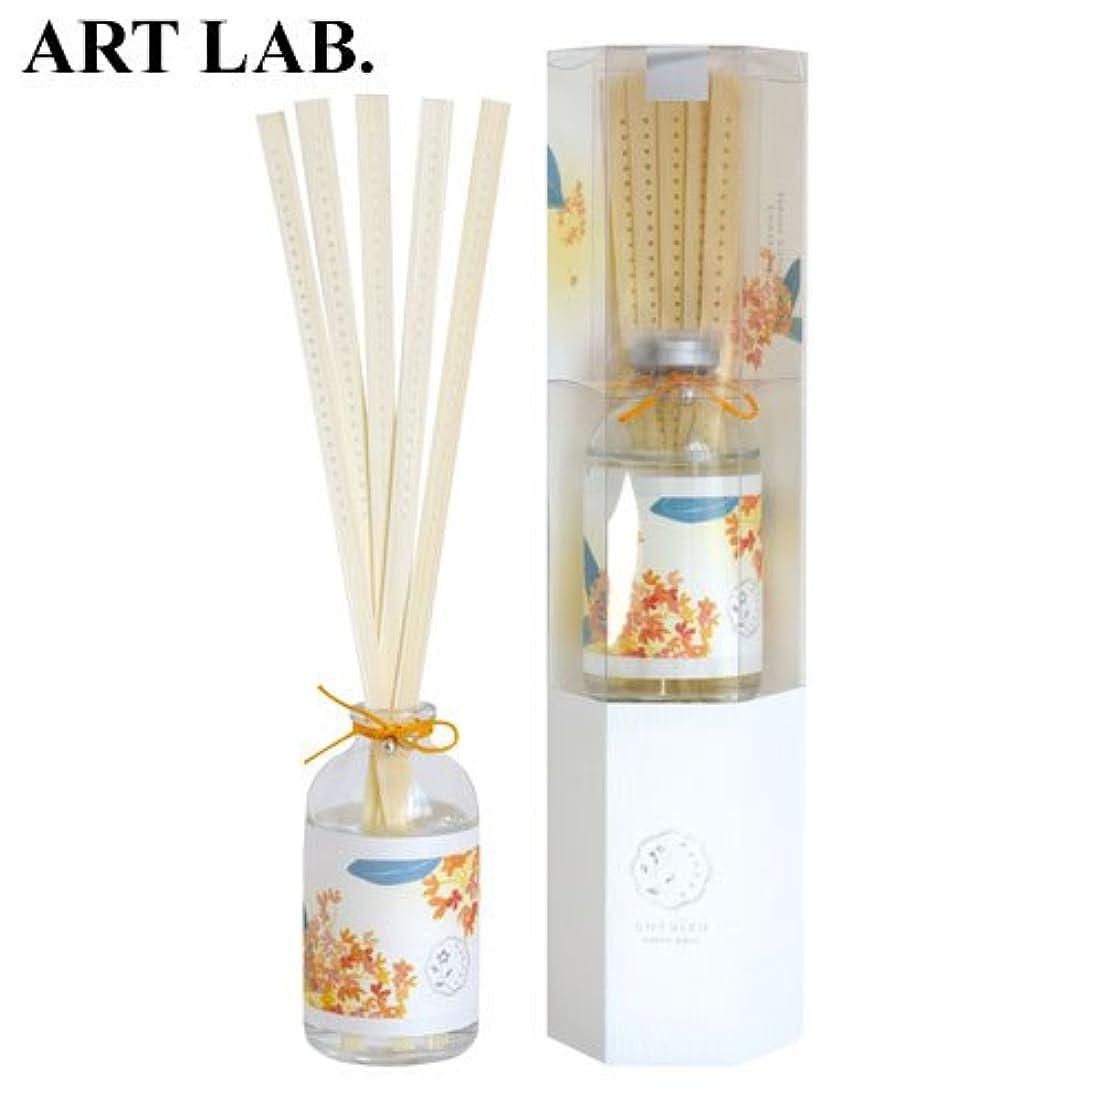 もっともらしい歩き回る累計wanokaバンブーディフューザー金木犀《果実のような甘い香り》ART LABAroma Diffuser